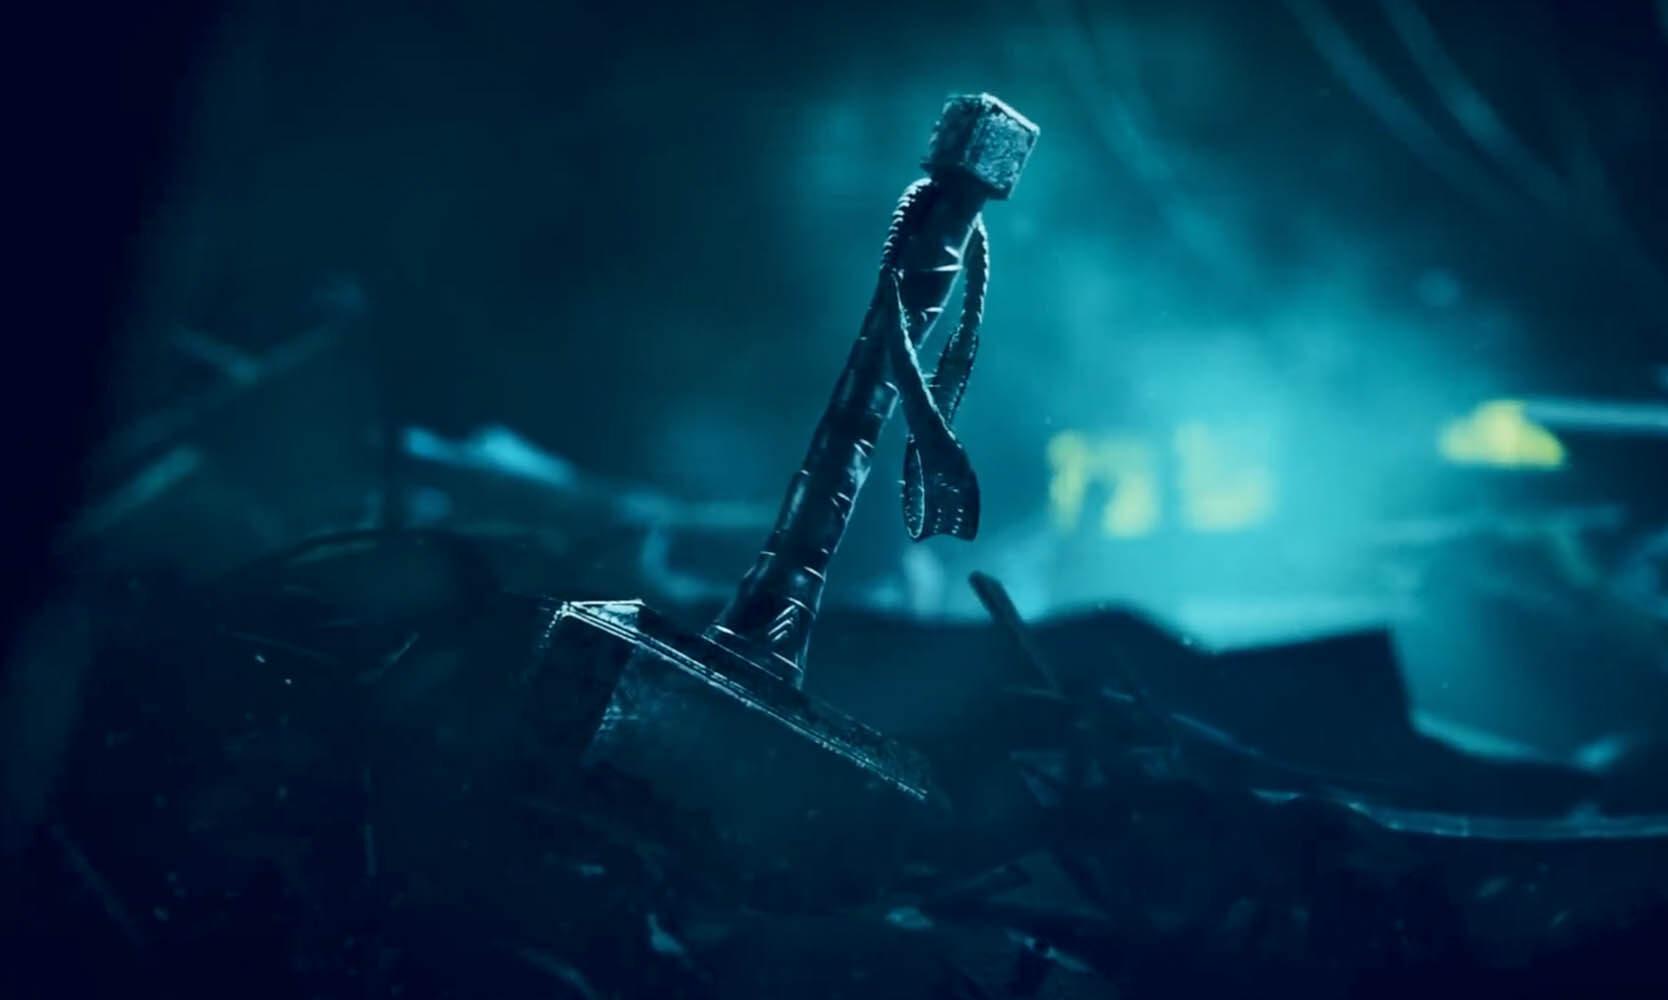 avengers1 0000 5